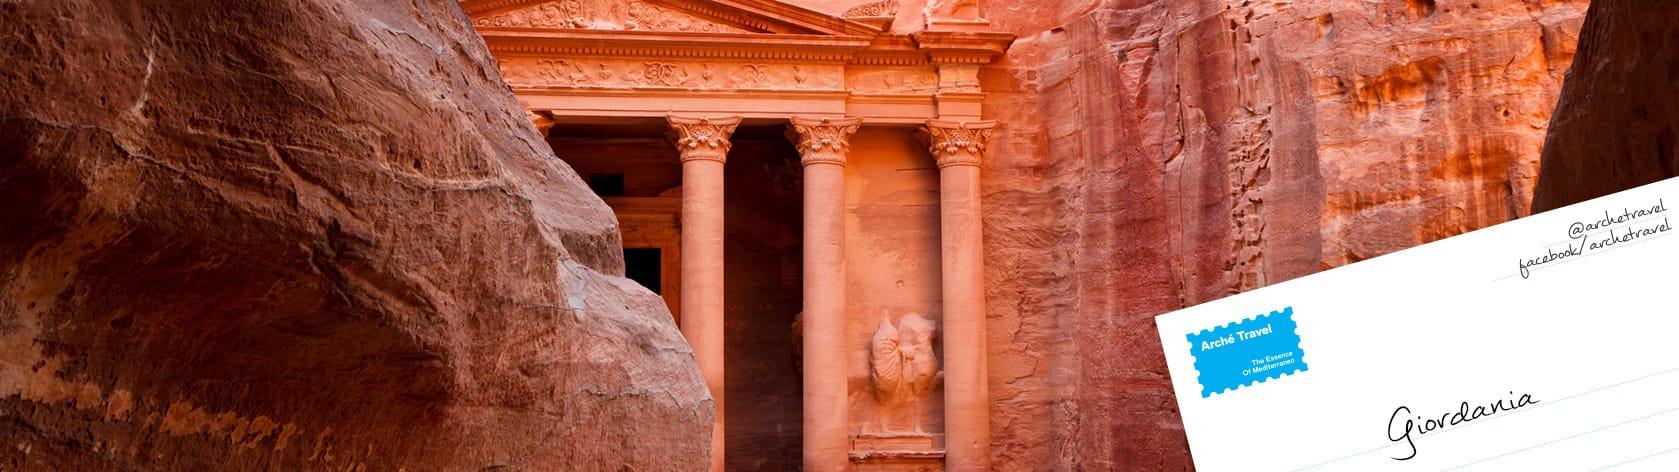 Tour Operator Giordania - Viaggi Giordania - Tour Giordania - Arché Travel